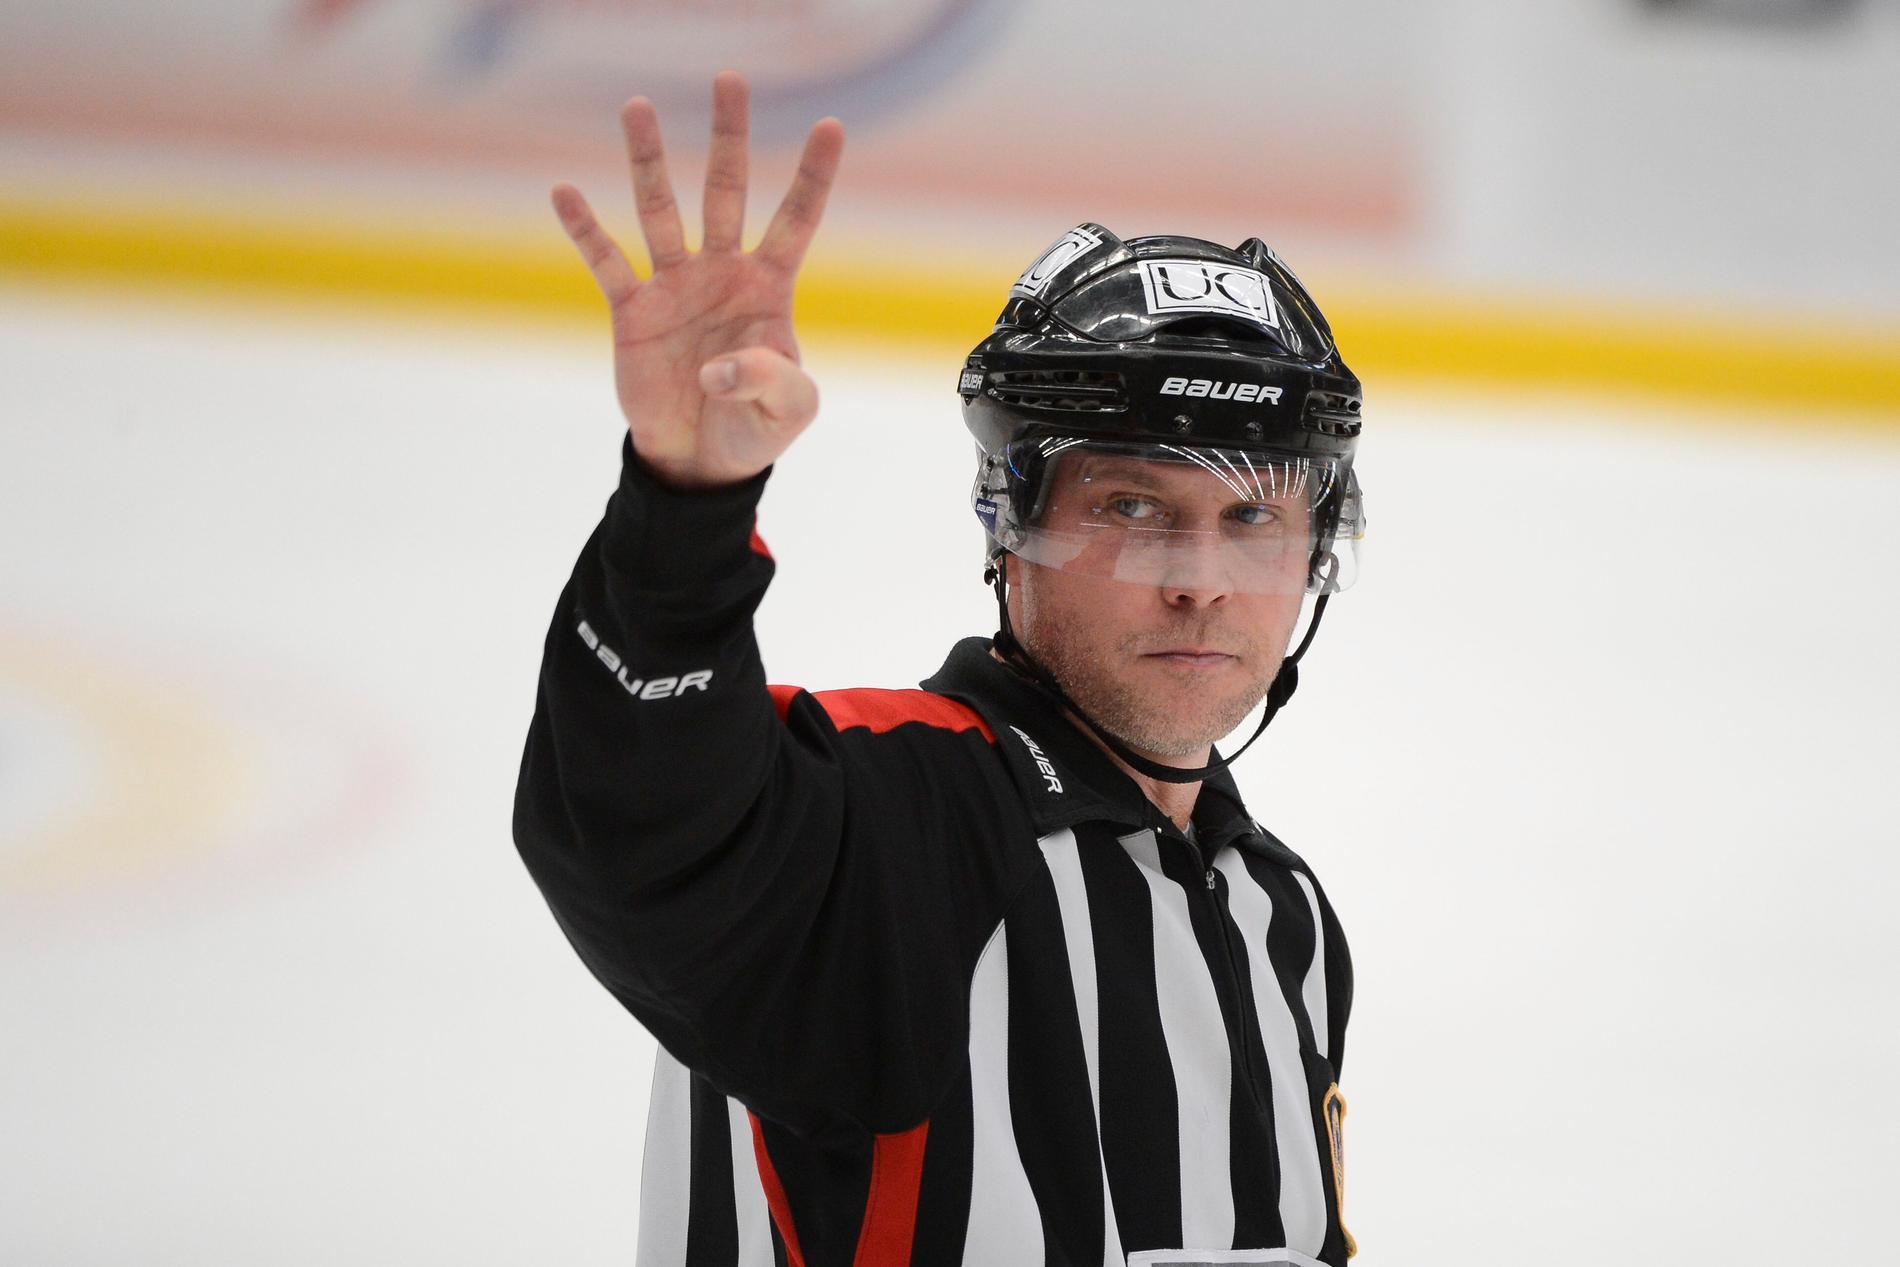 Ulf Rönnmark